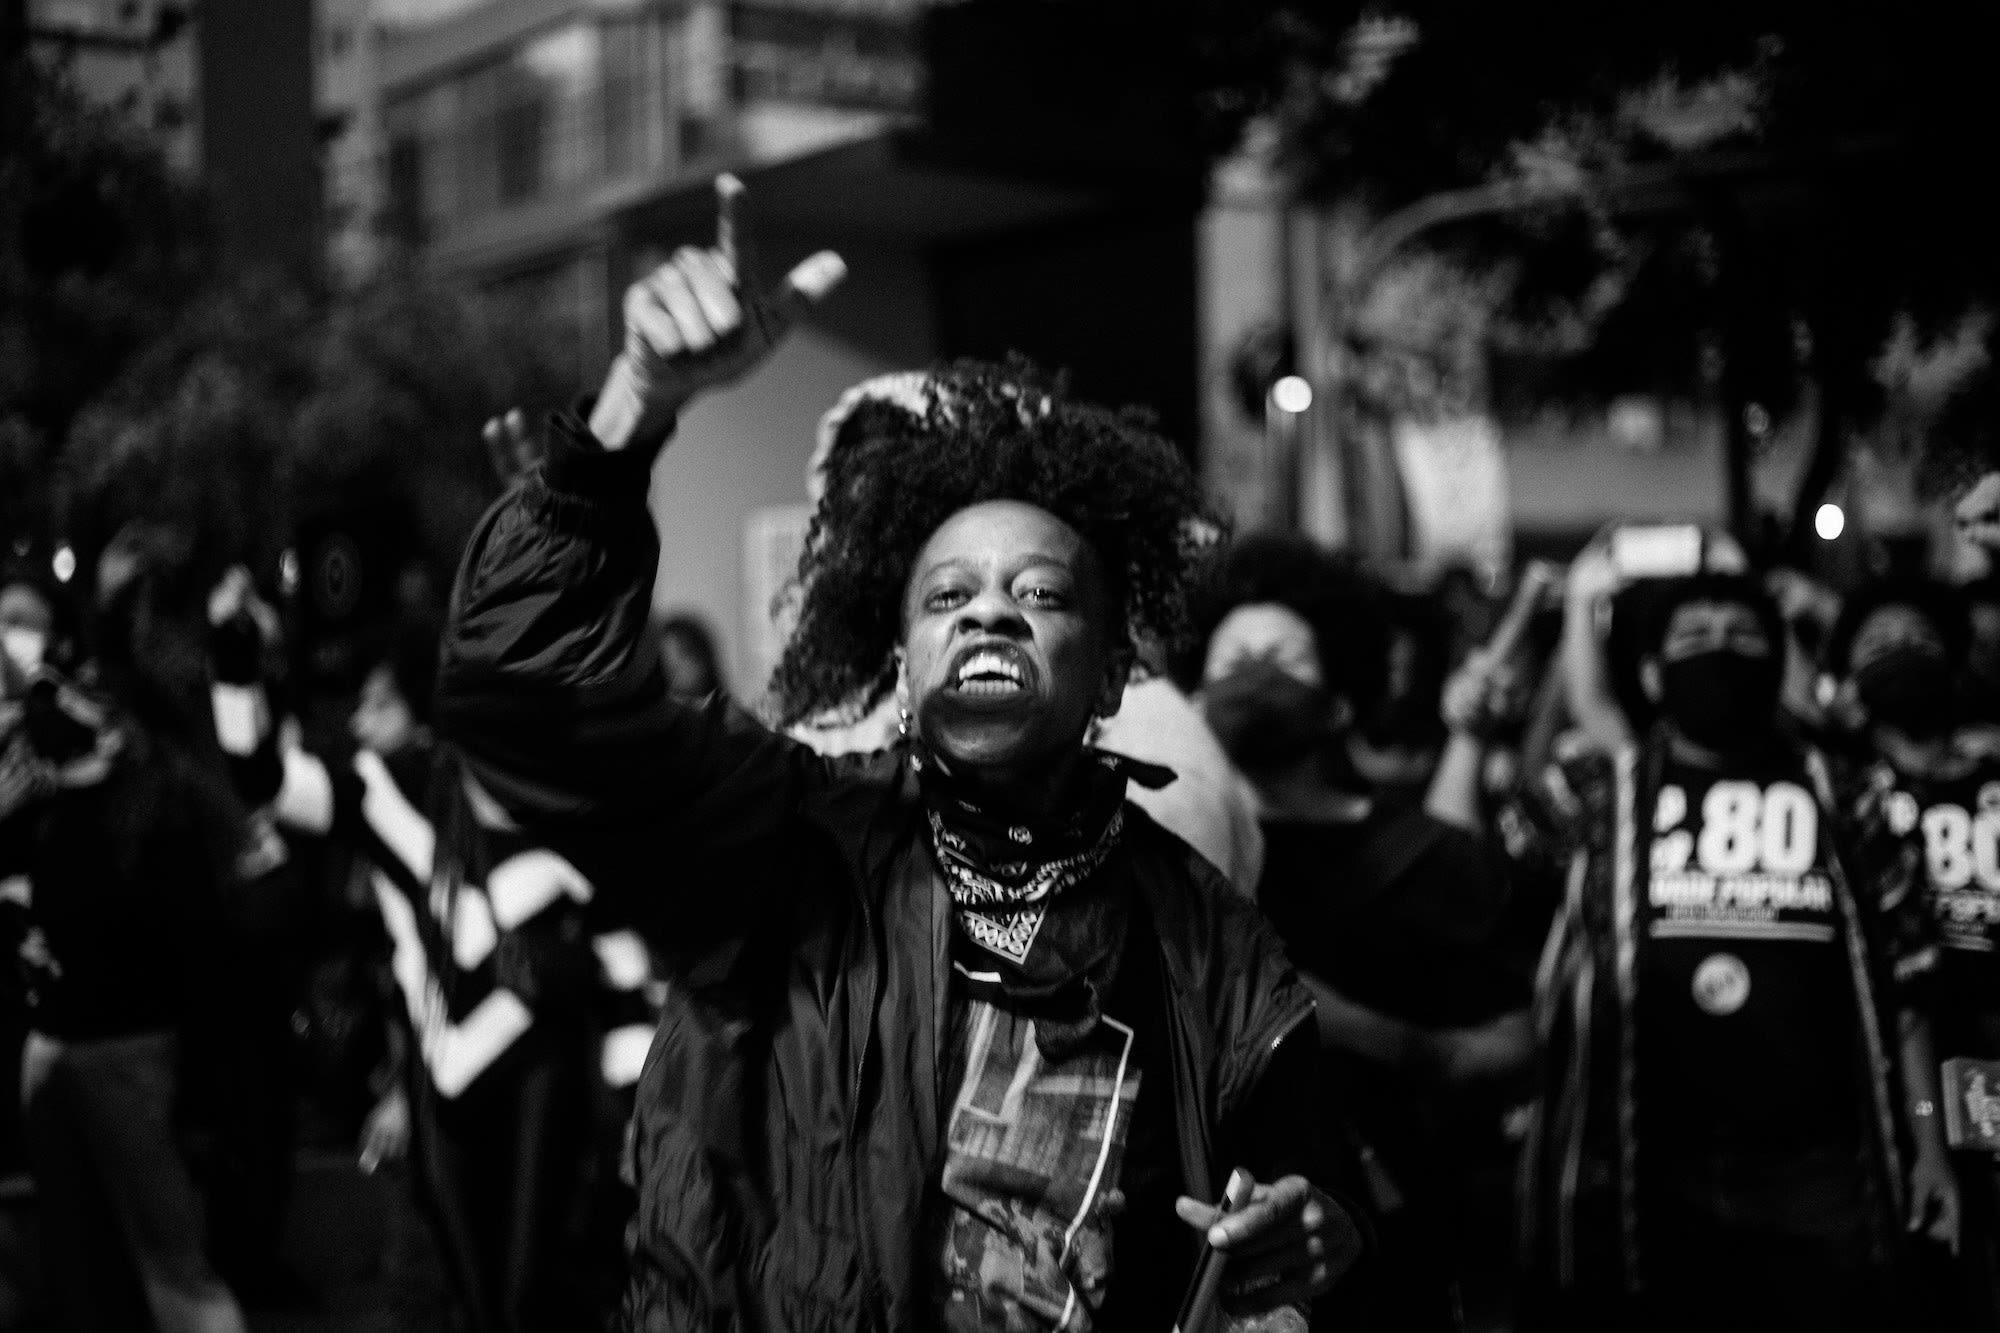 Cena de protesto com pessoas com braços erguidos, uma pessoa em primeiro plano com bandana no pescoço, gritando e apontando dedo.